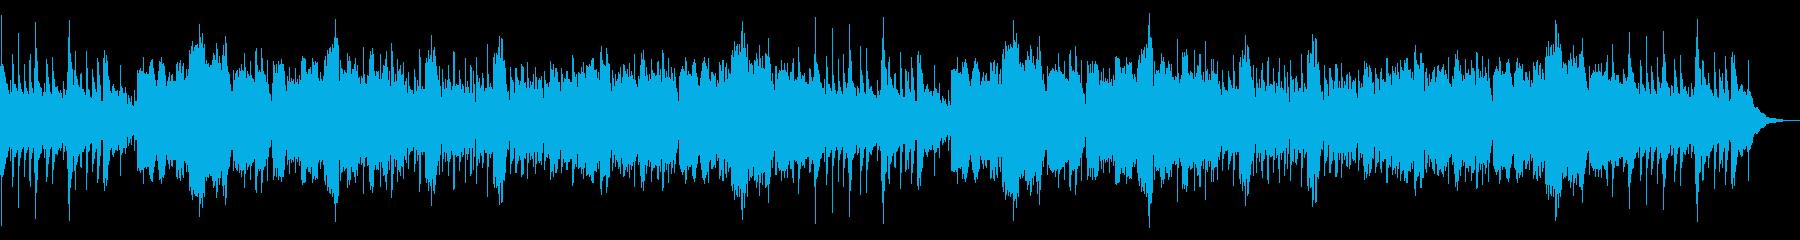 ケルト風エスニックな切ないメロディの再生済みの波形